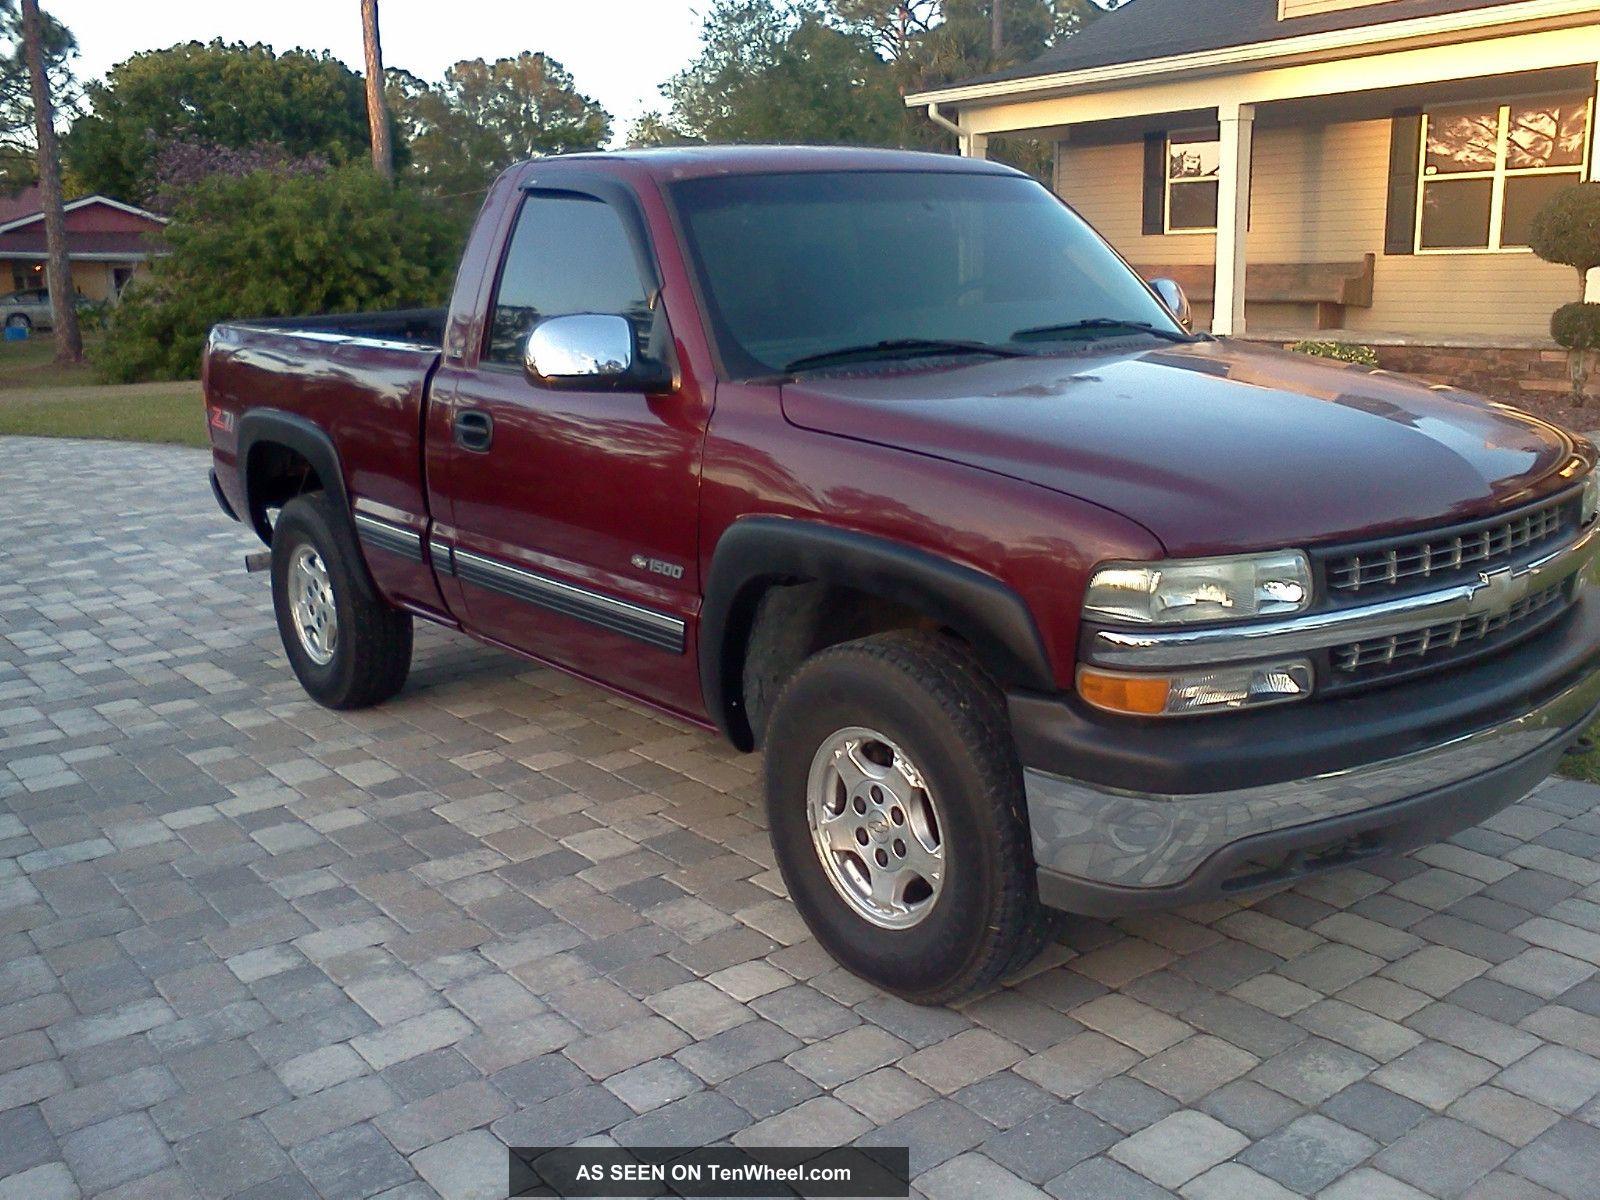 2000 chevrolet silverado z71 4x4 silverado 1500 photo 6. Cars Review. Best American Auto & Cars Review